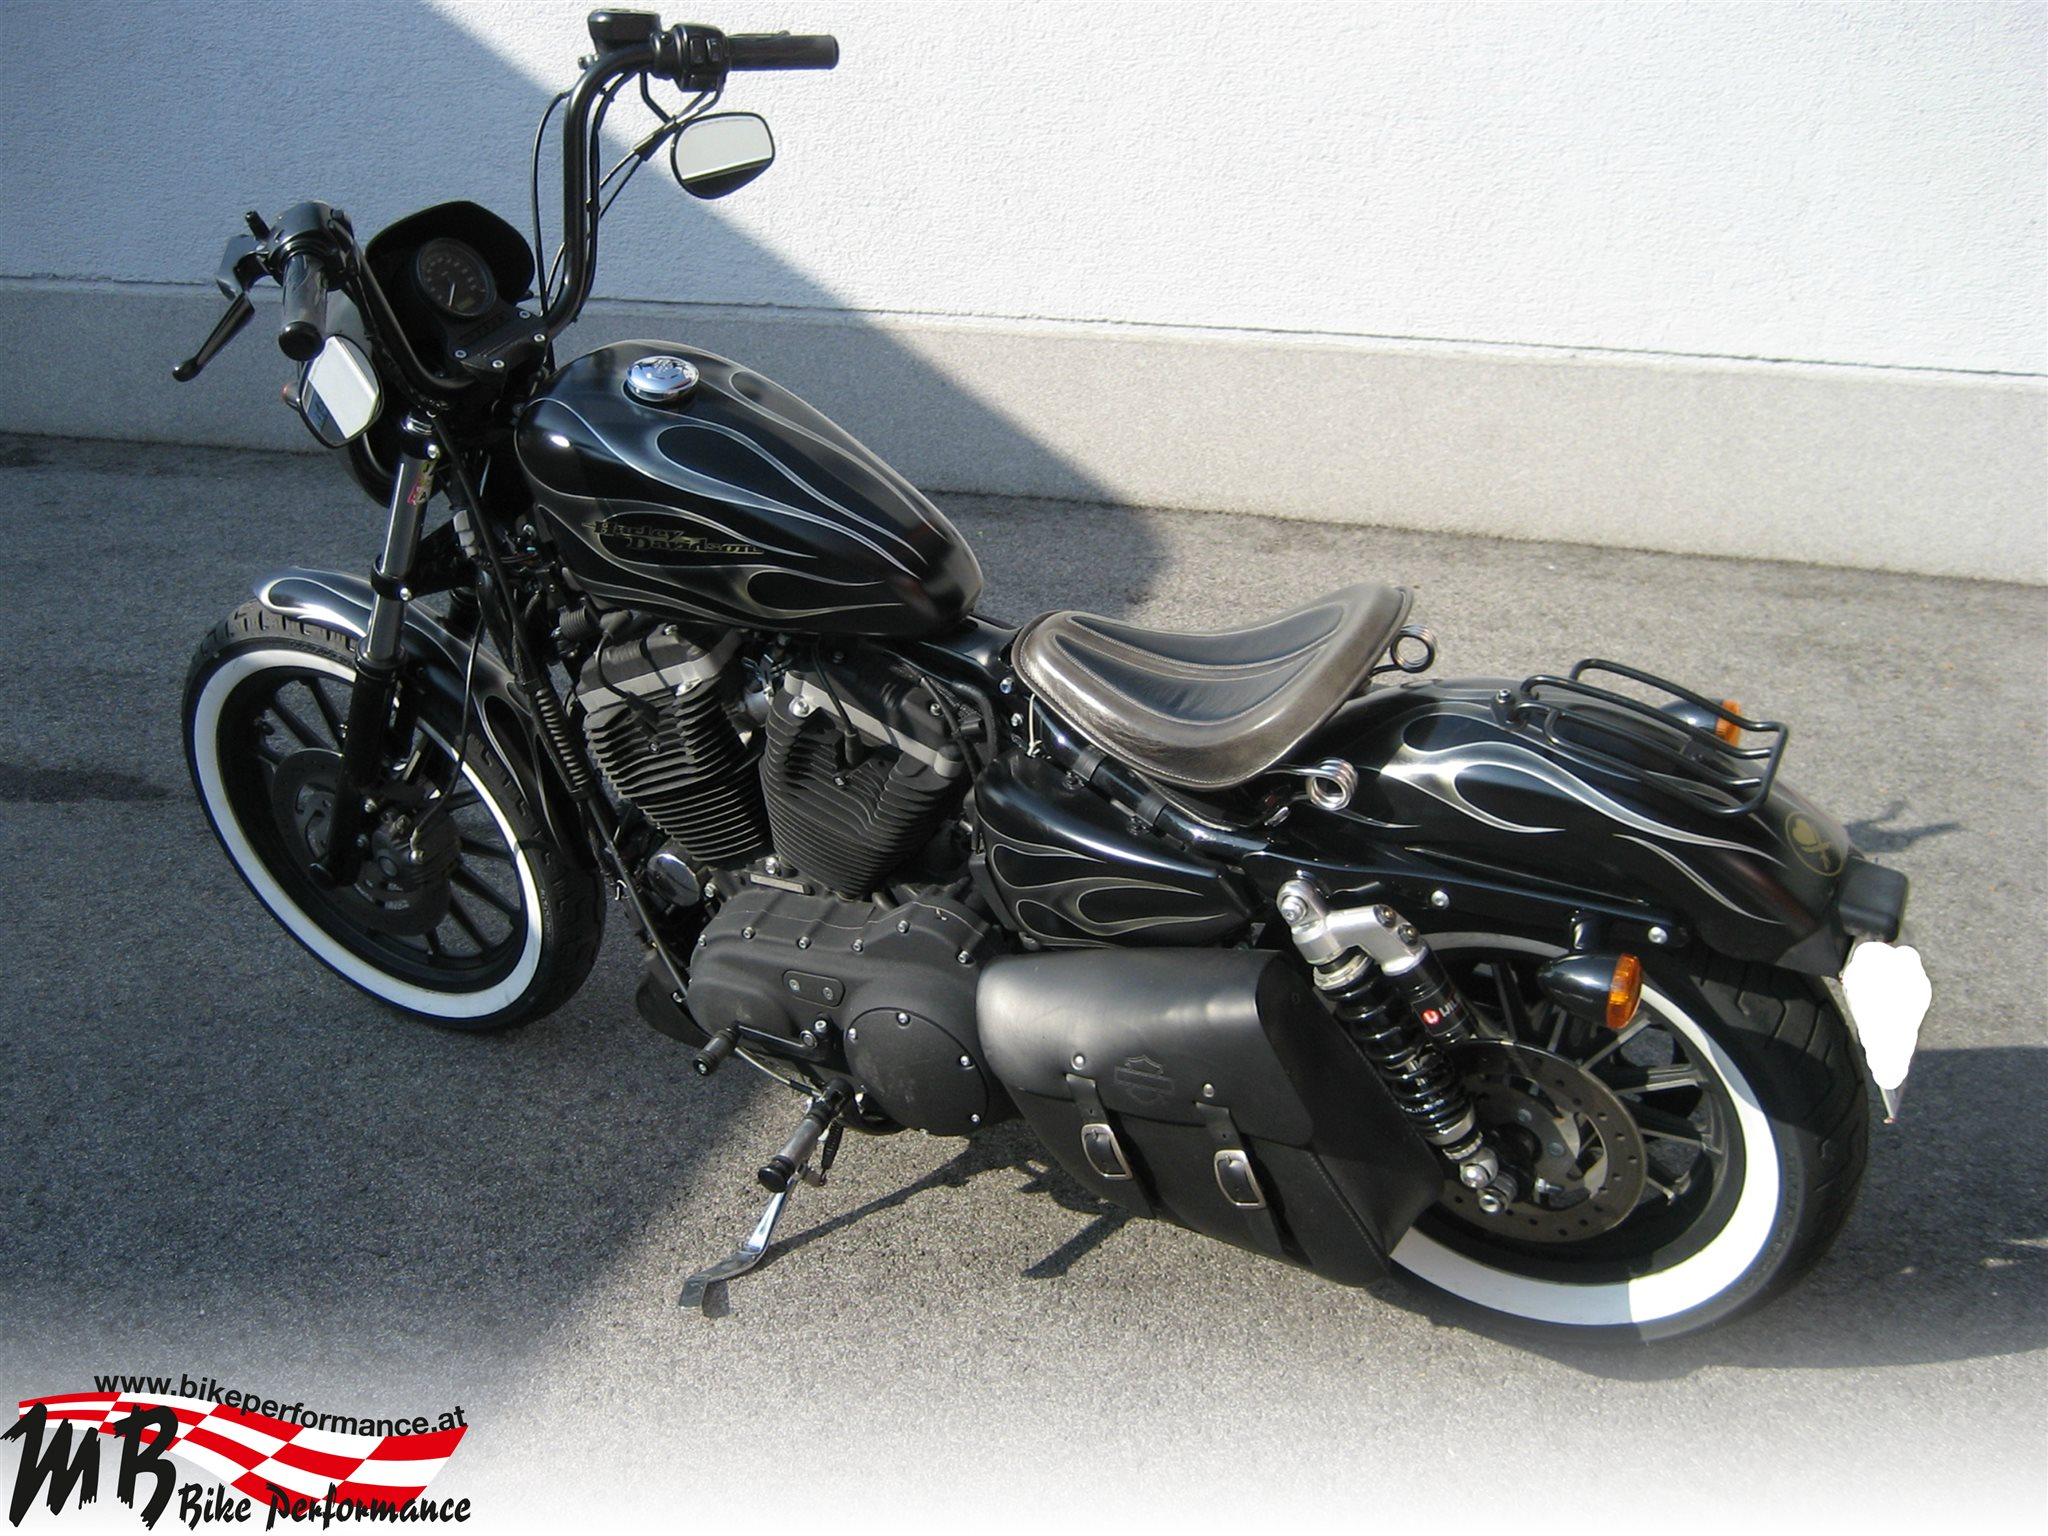 umgebautes motorrad harley davidson sportster xl 883 n. Black Bedroom Furniture Sets. Home Design Ideas